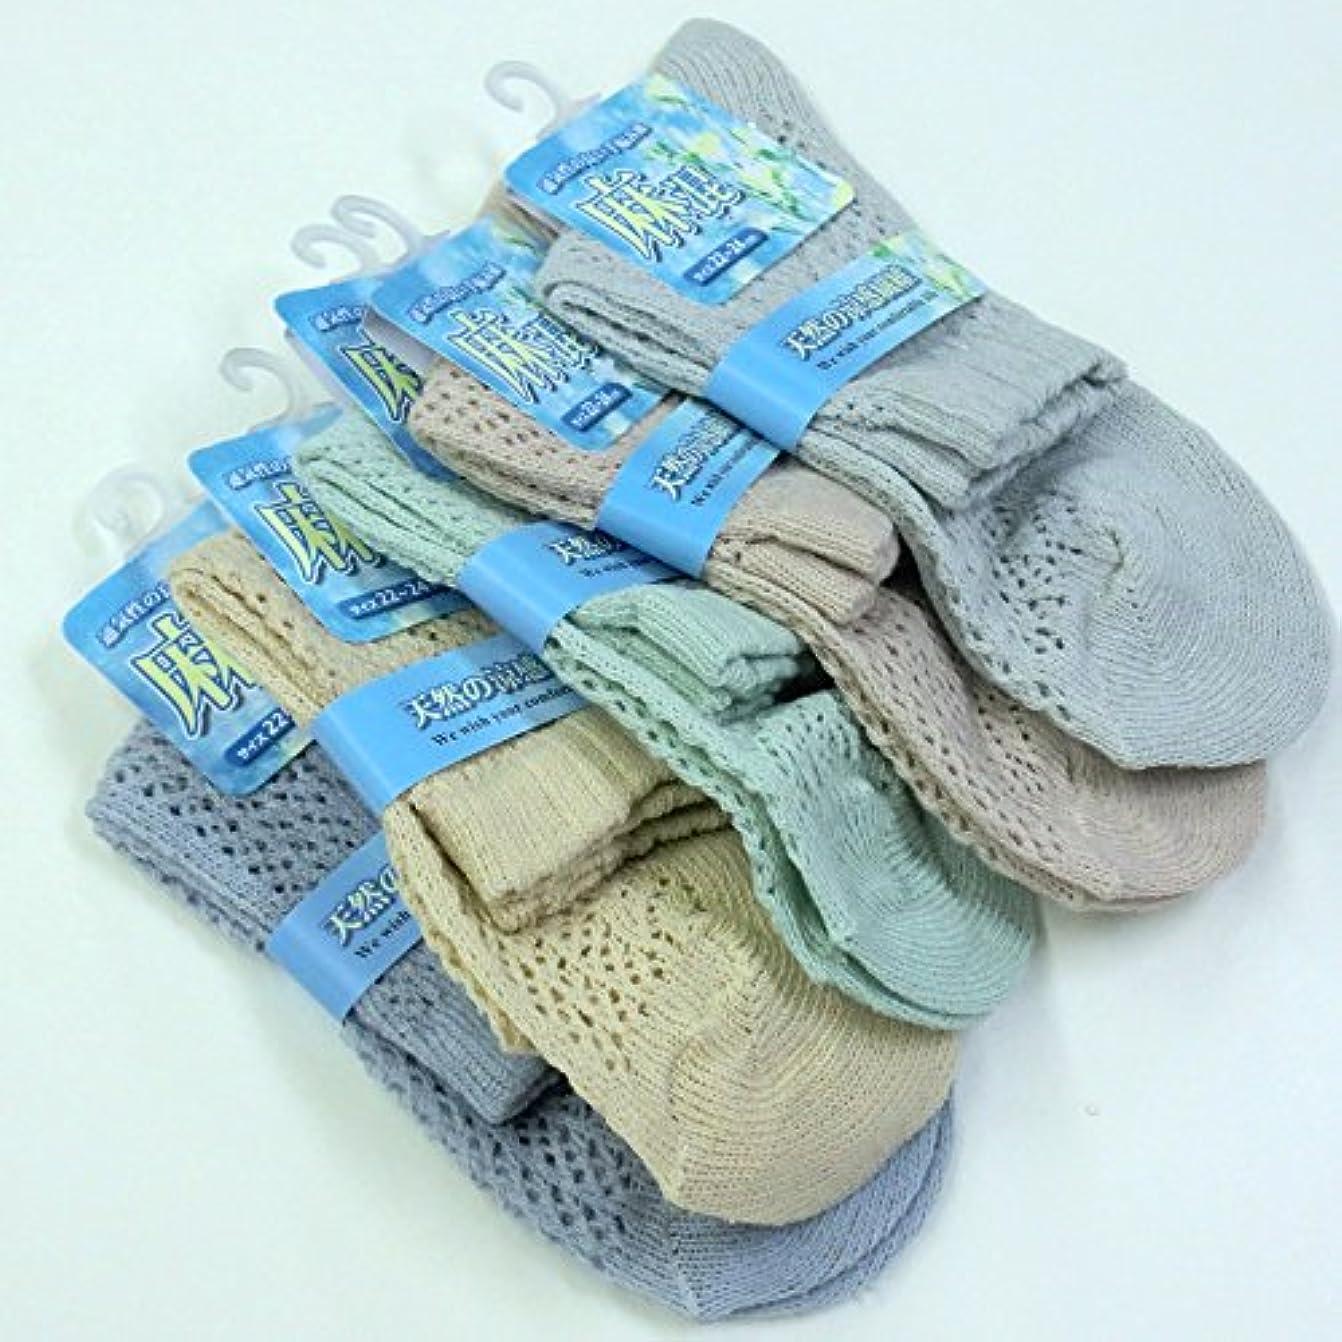 落胆したハング刑務所靴下 レディース 麻混 涼しいルミーソックス おしゃれ手編み風 5色5足組